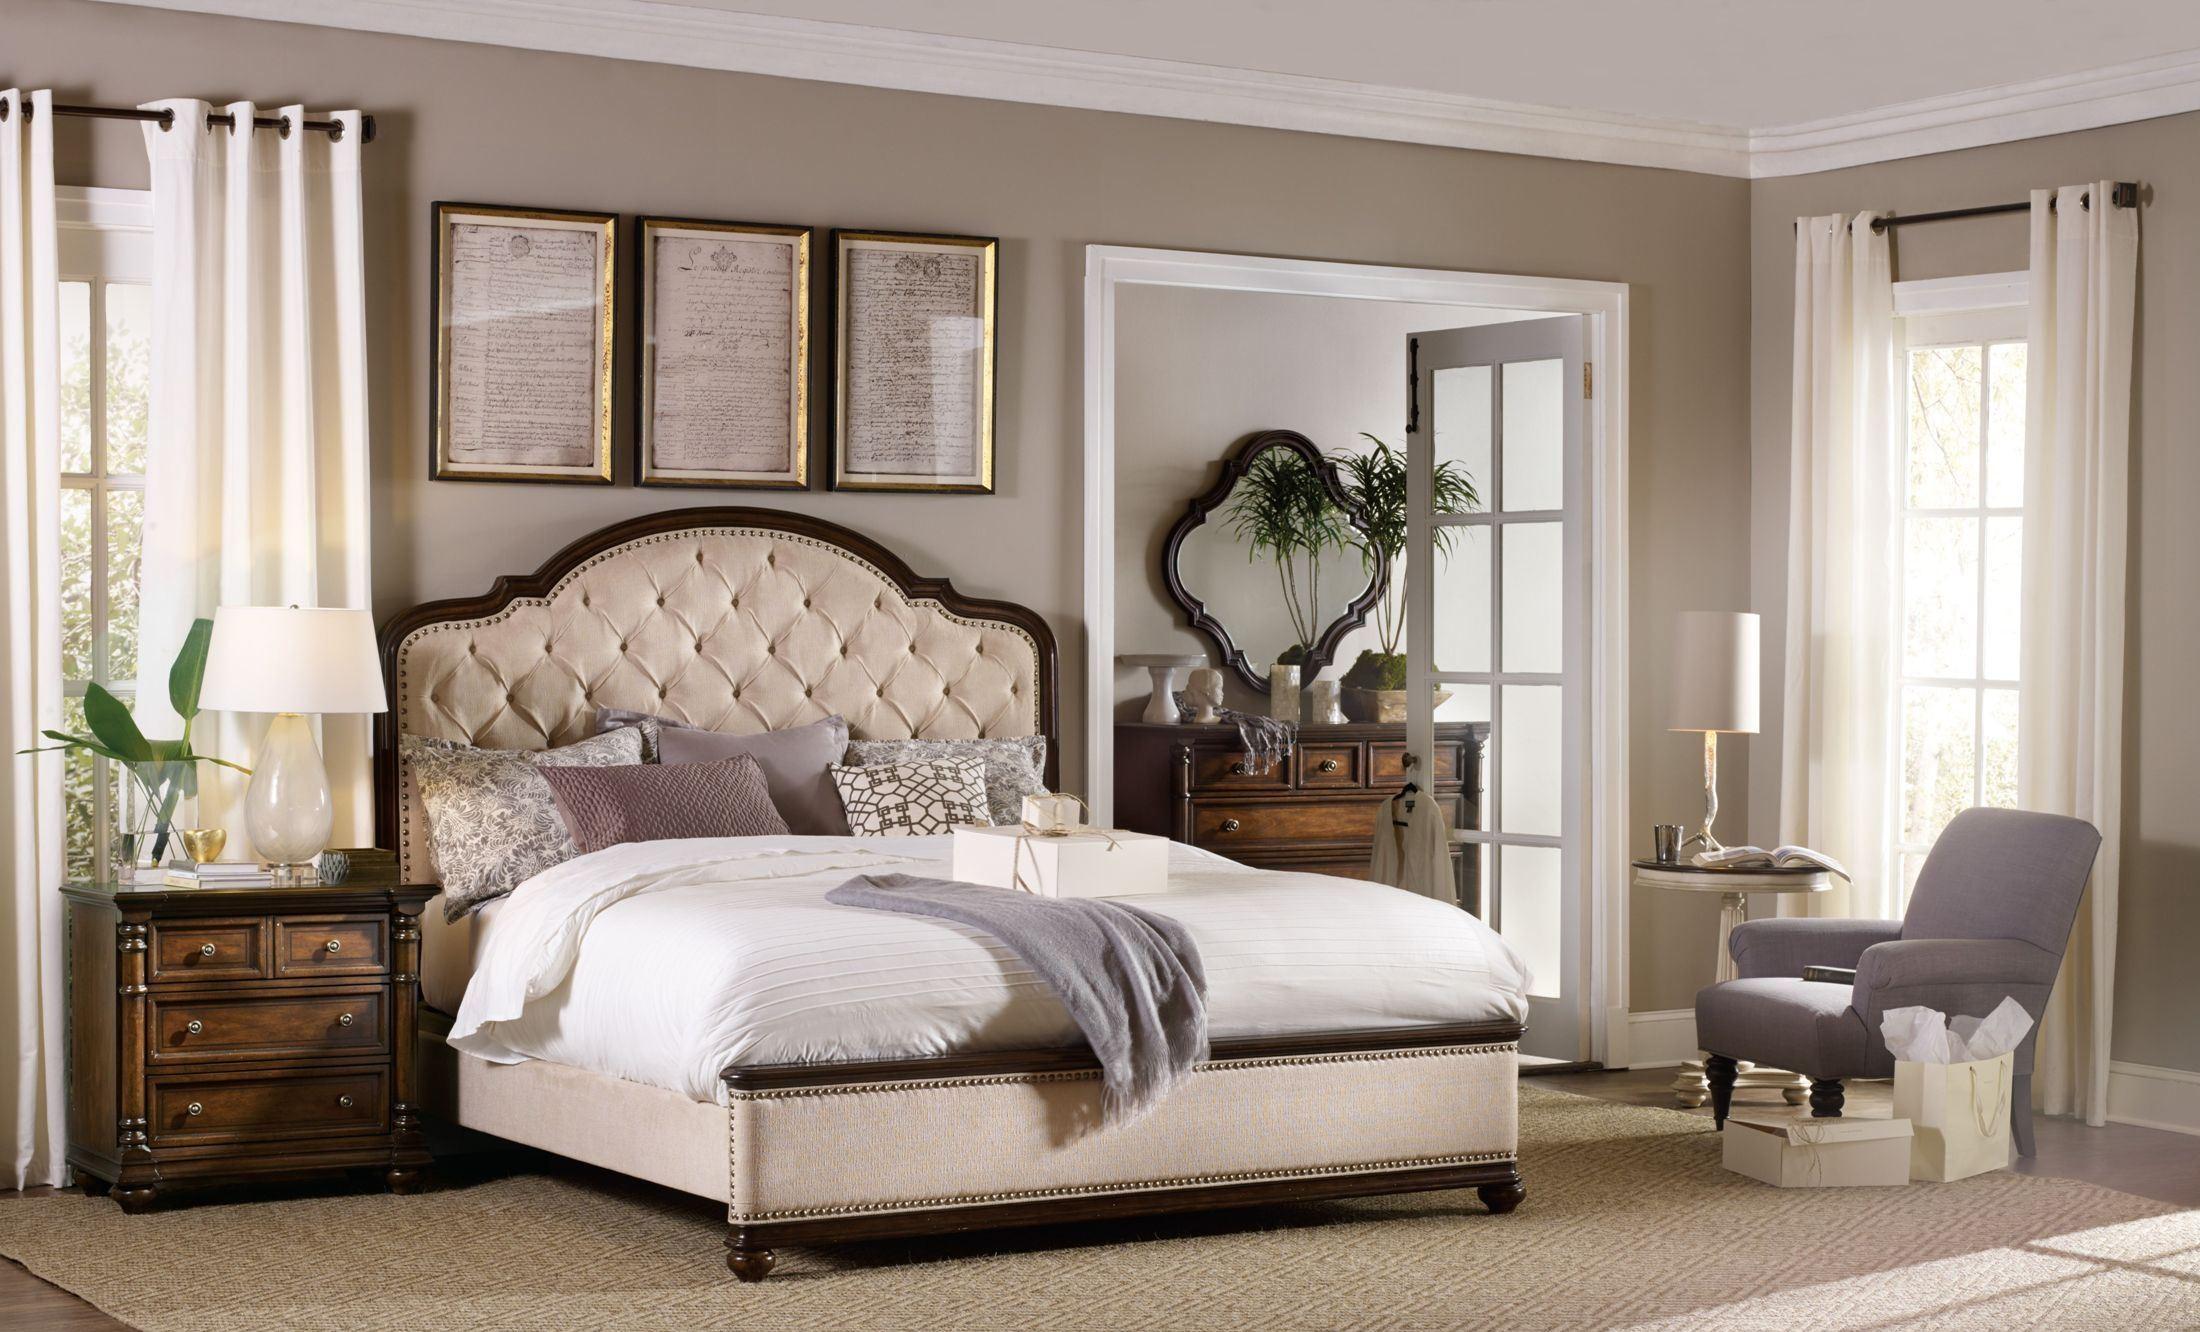 Leesburg Beige Upholstered Bedroom Set From Hooker Coleman Furniture